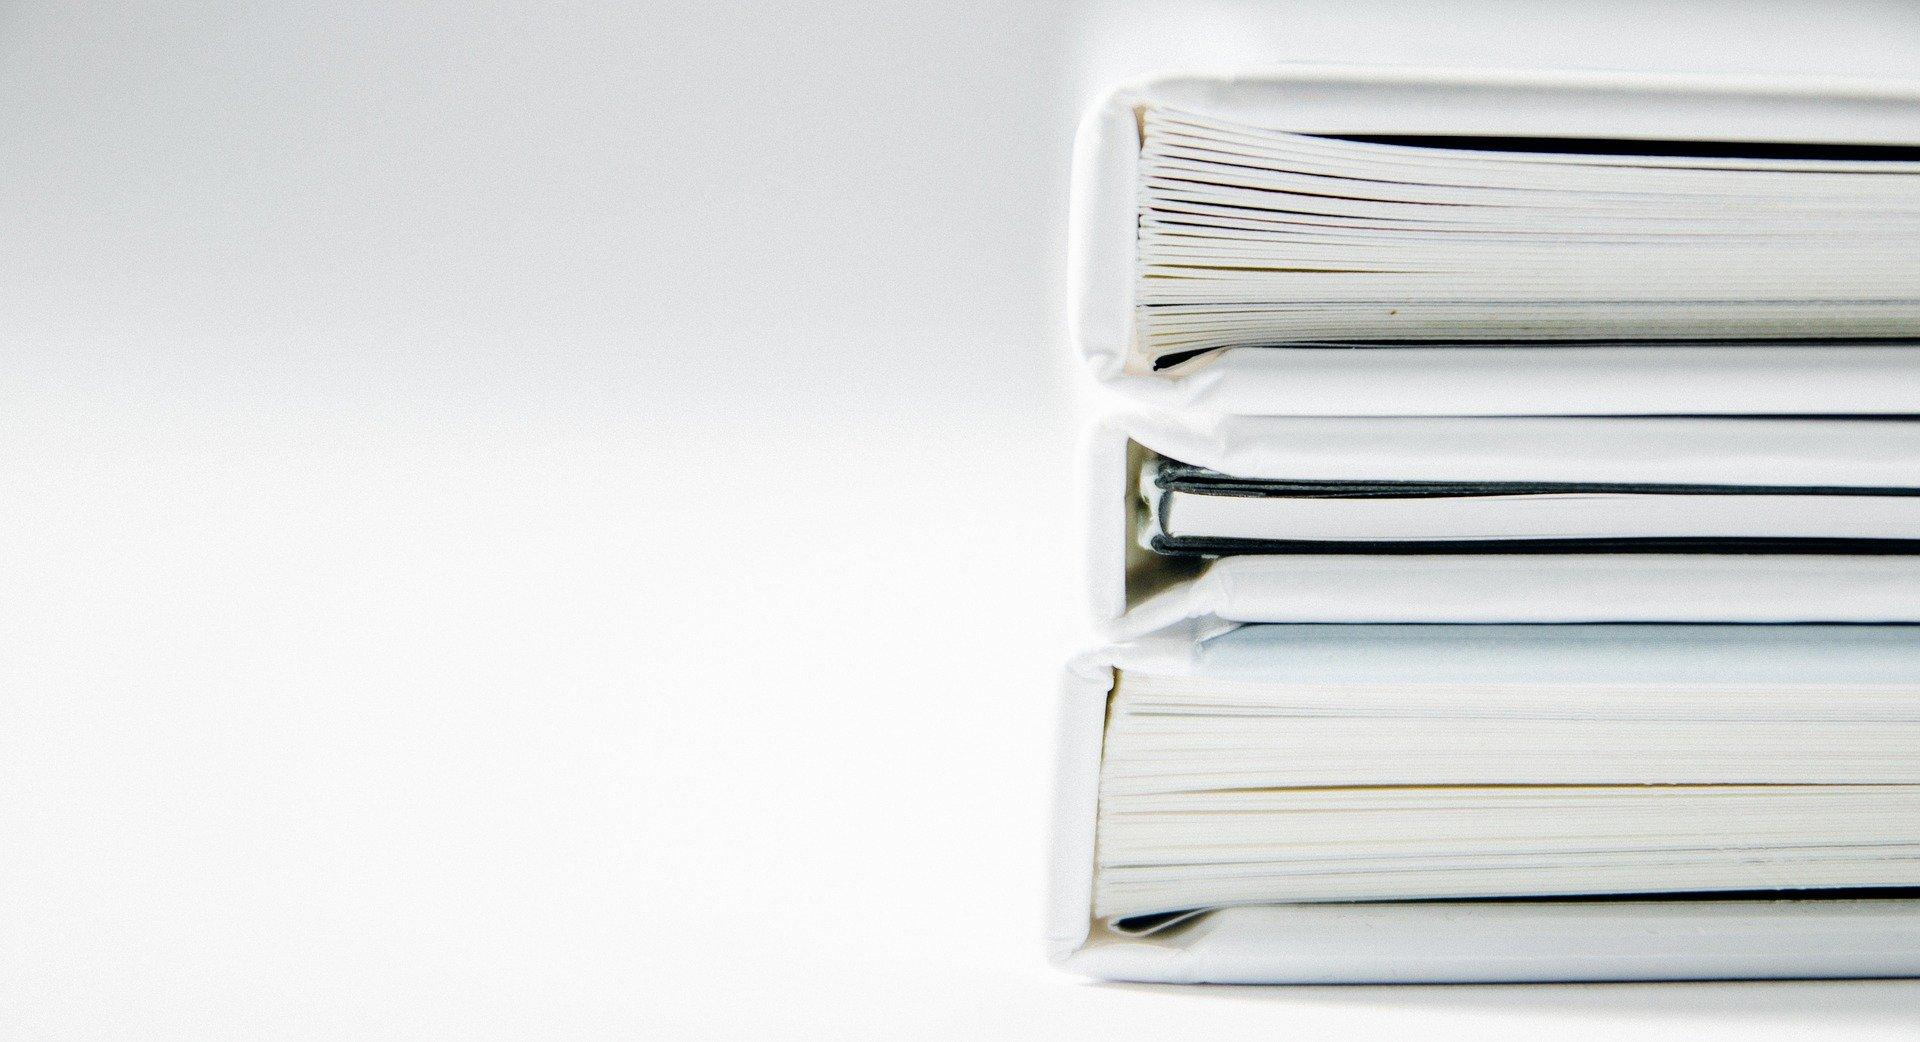 Bücher - Bild von Pexels auf Pixabay